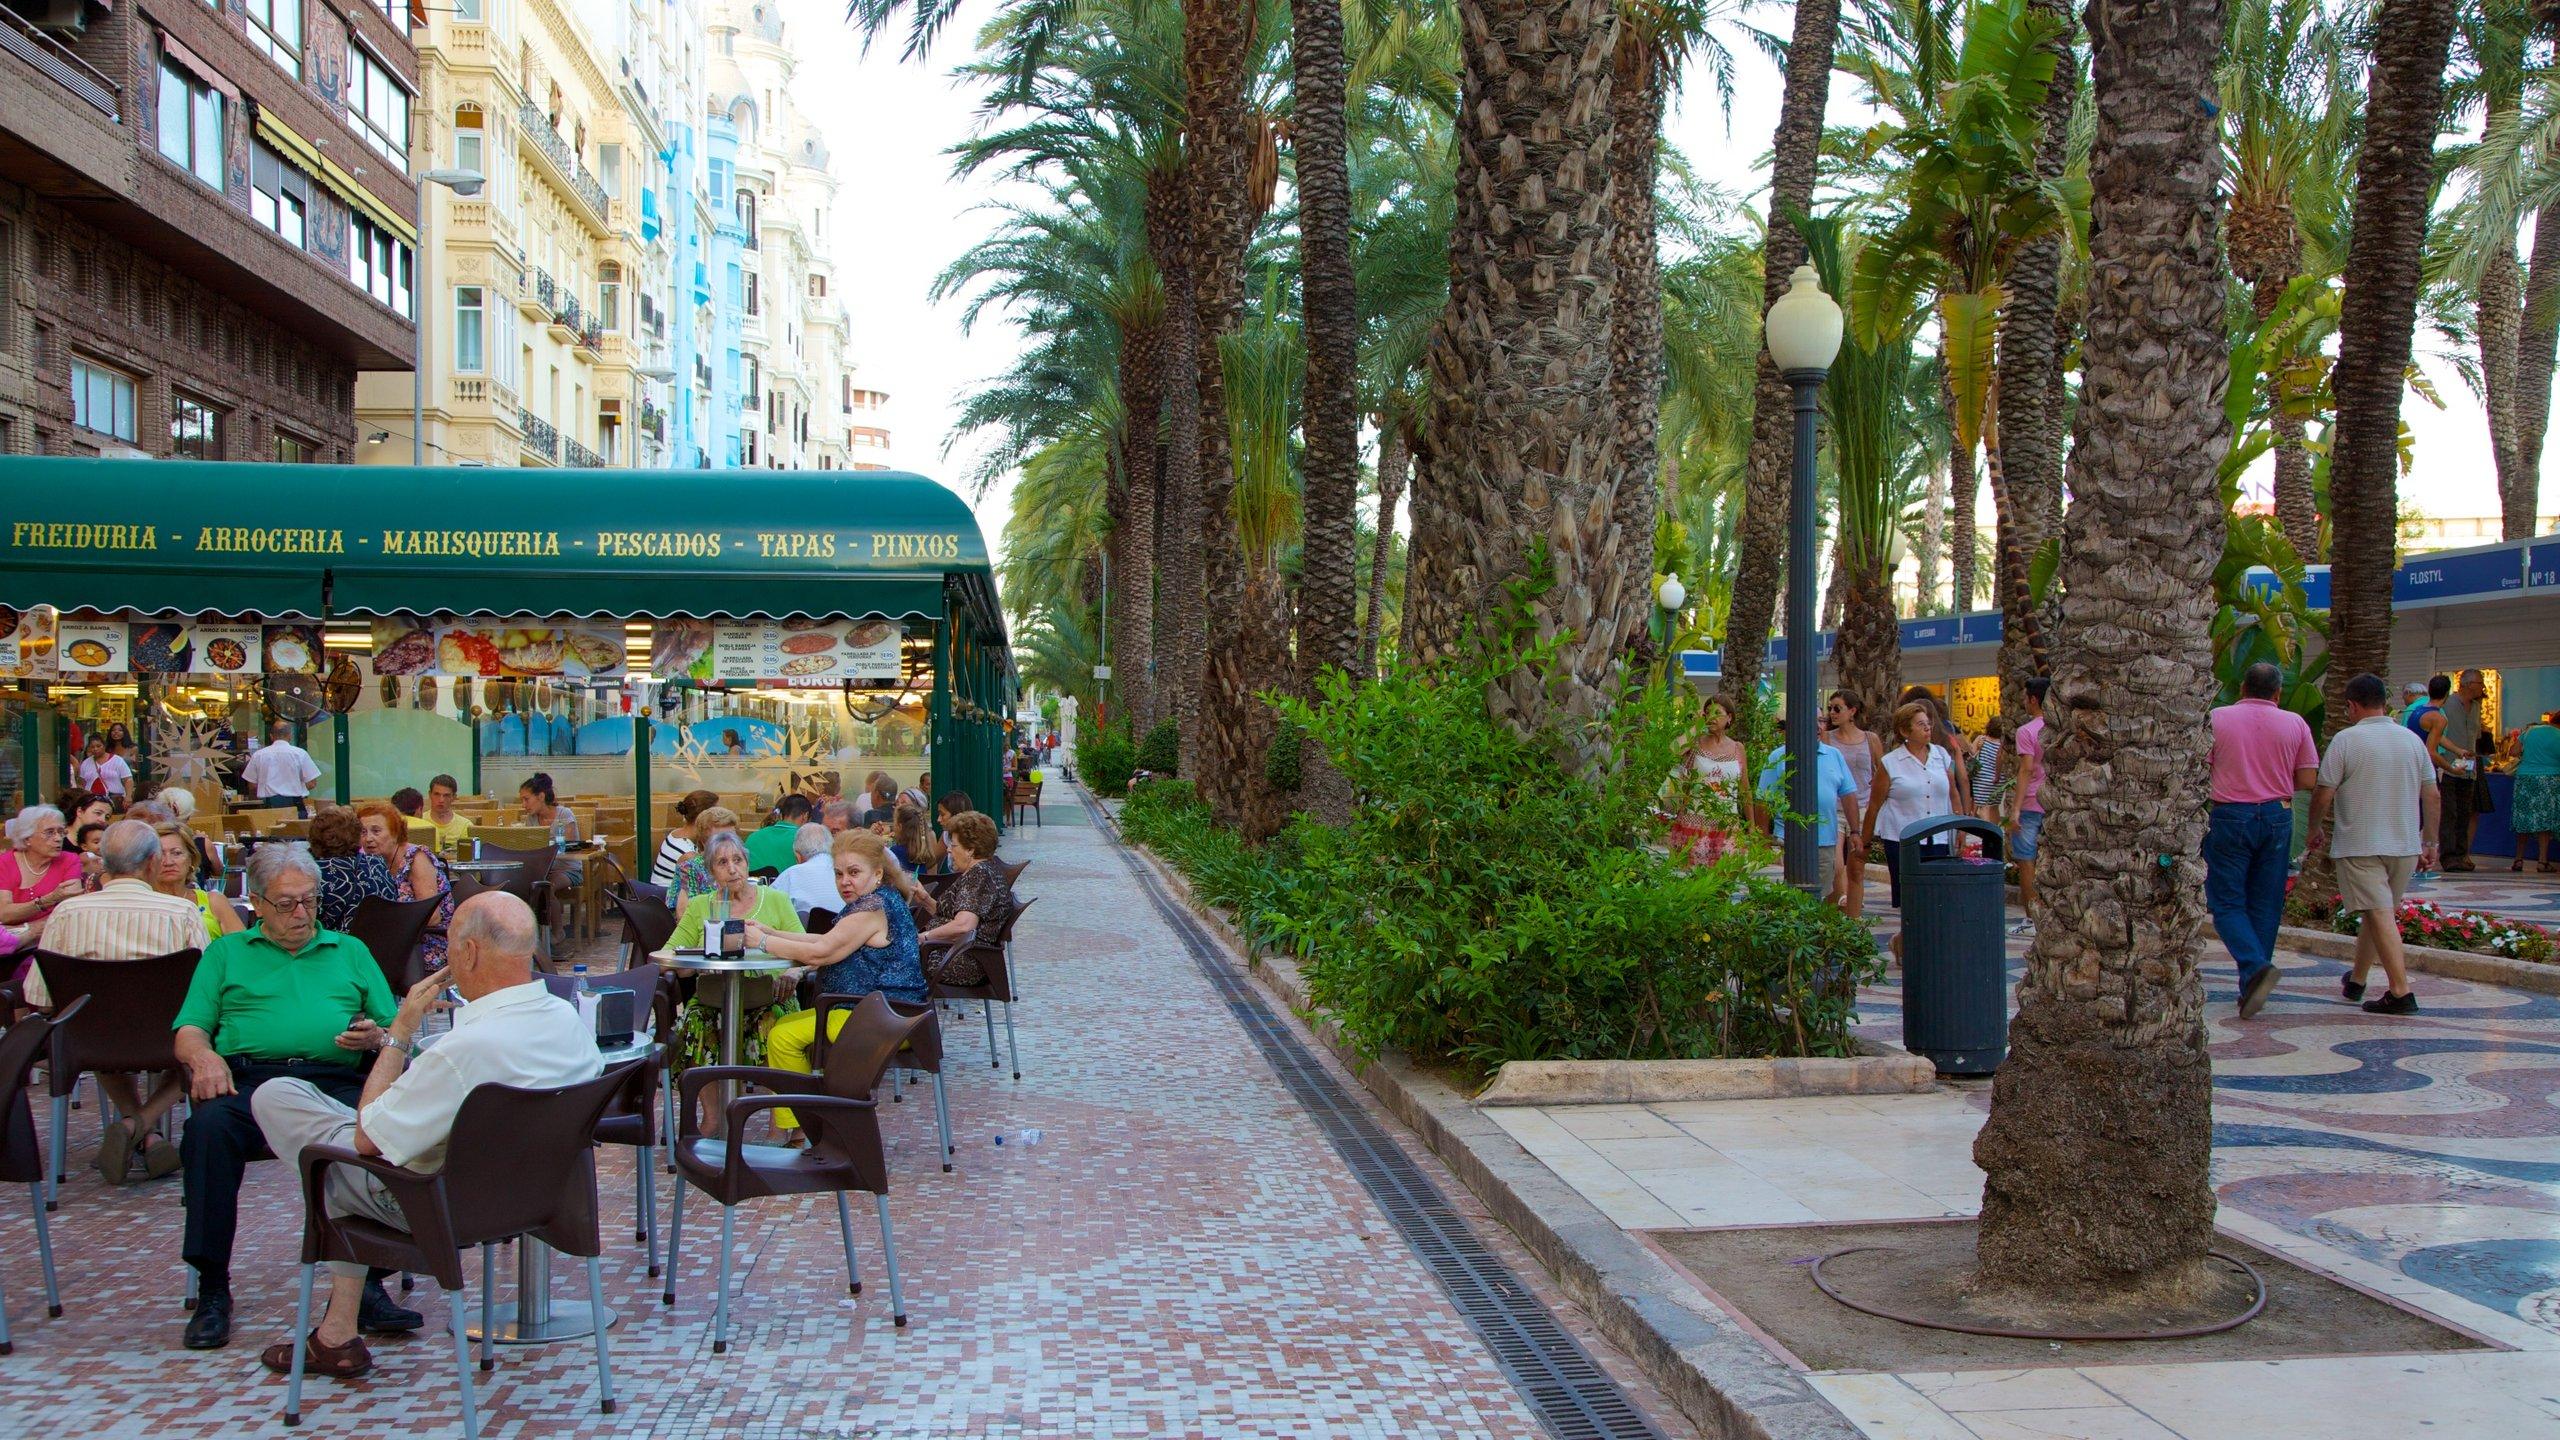 50822 Alicante - Roteiro em Alicante: descubra os principais pontos turísticos da cidade